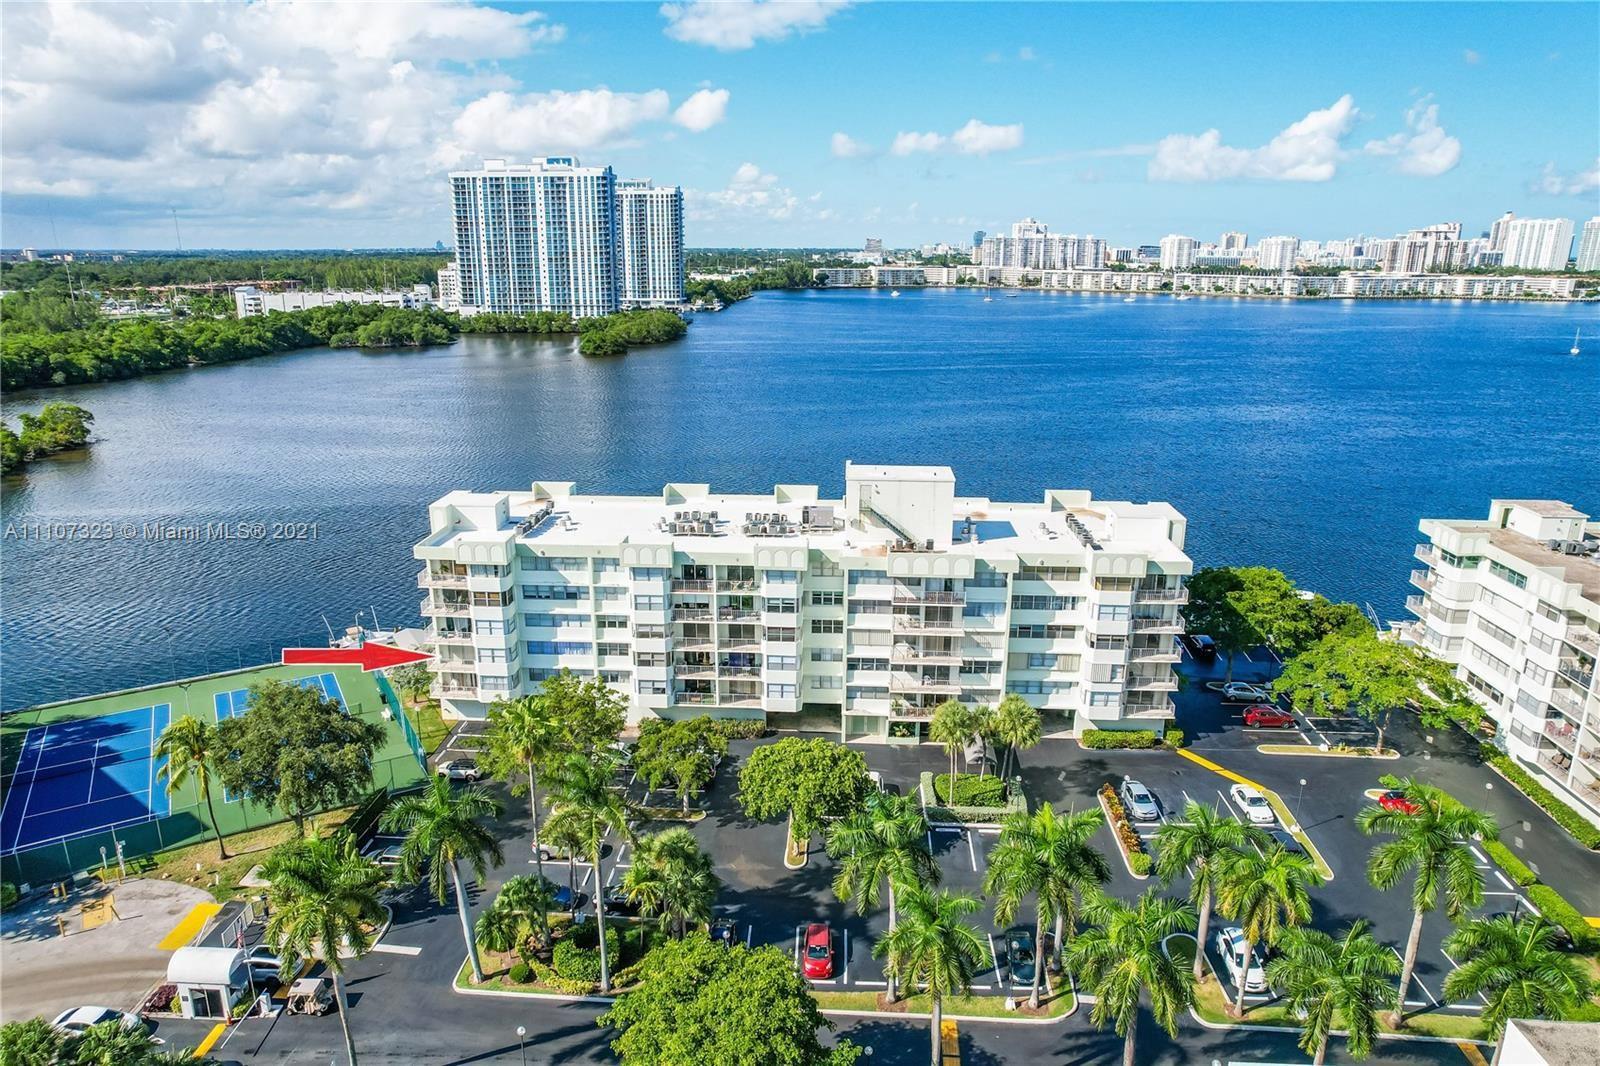 16546 NE 26th Ave #3G, North Miami Beach, FL 33160 - #: A11107323